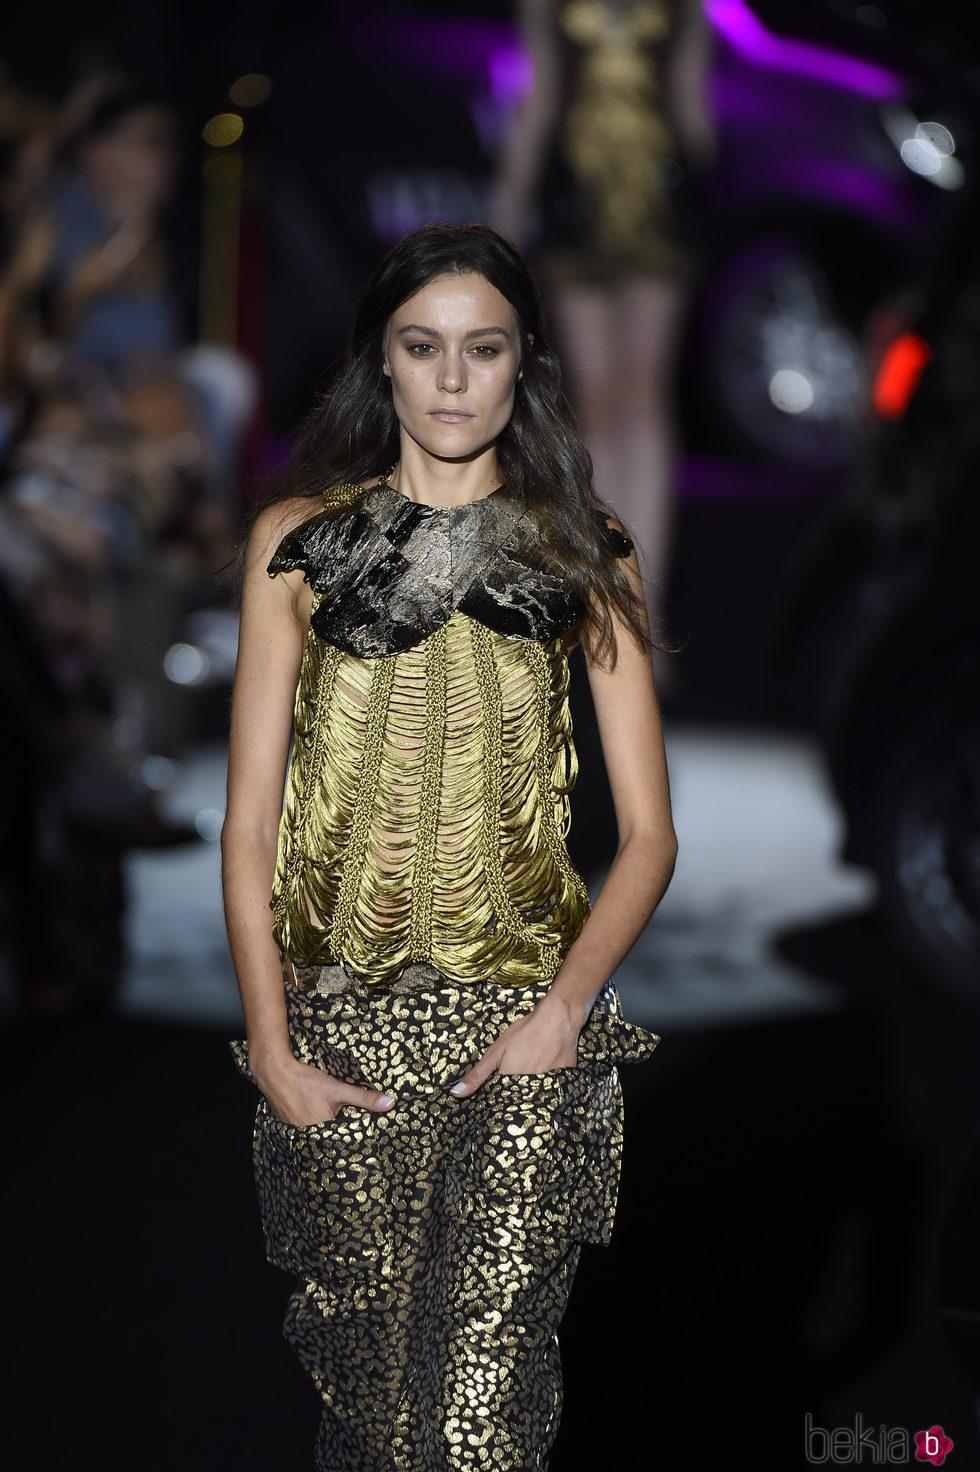 Conjunto de pantalón y top dorado animal print de Alvarno colección primavera/verano 2017 en Madrid Fashion Week